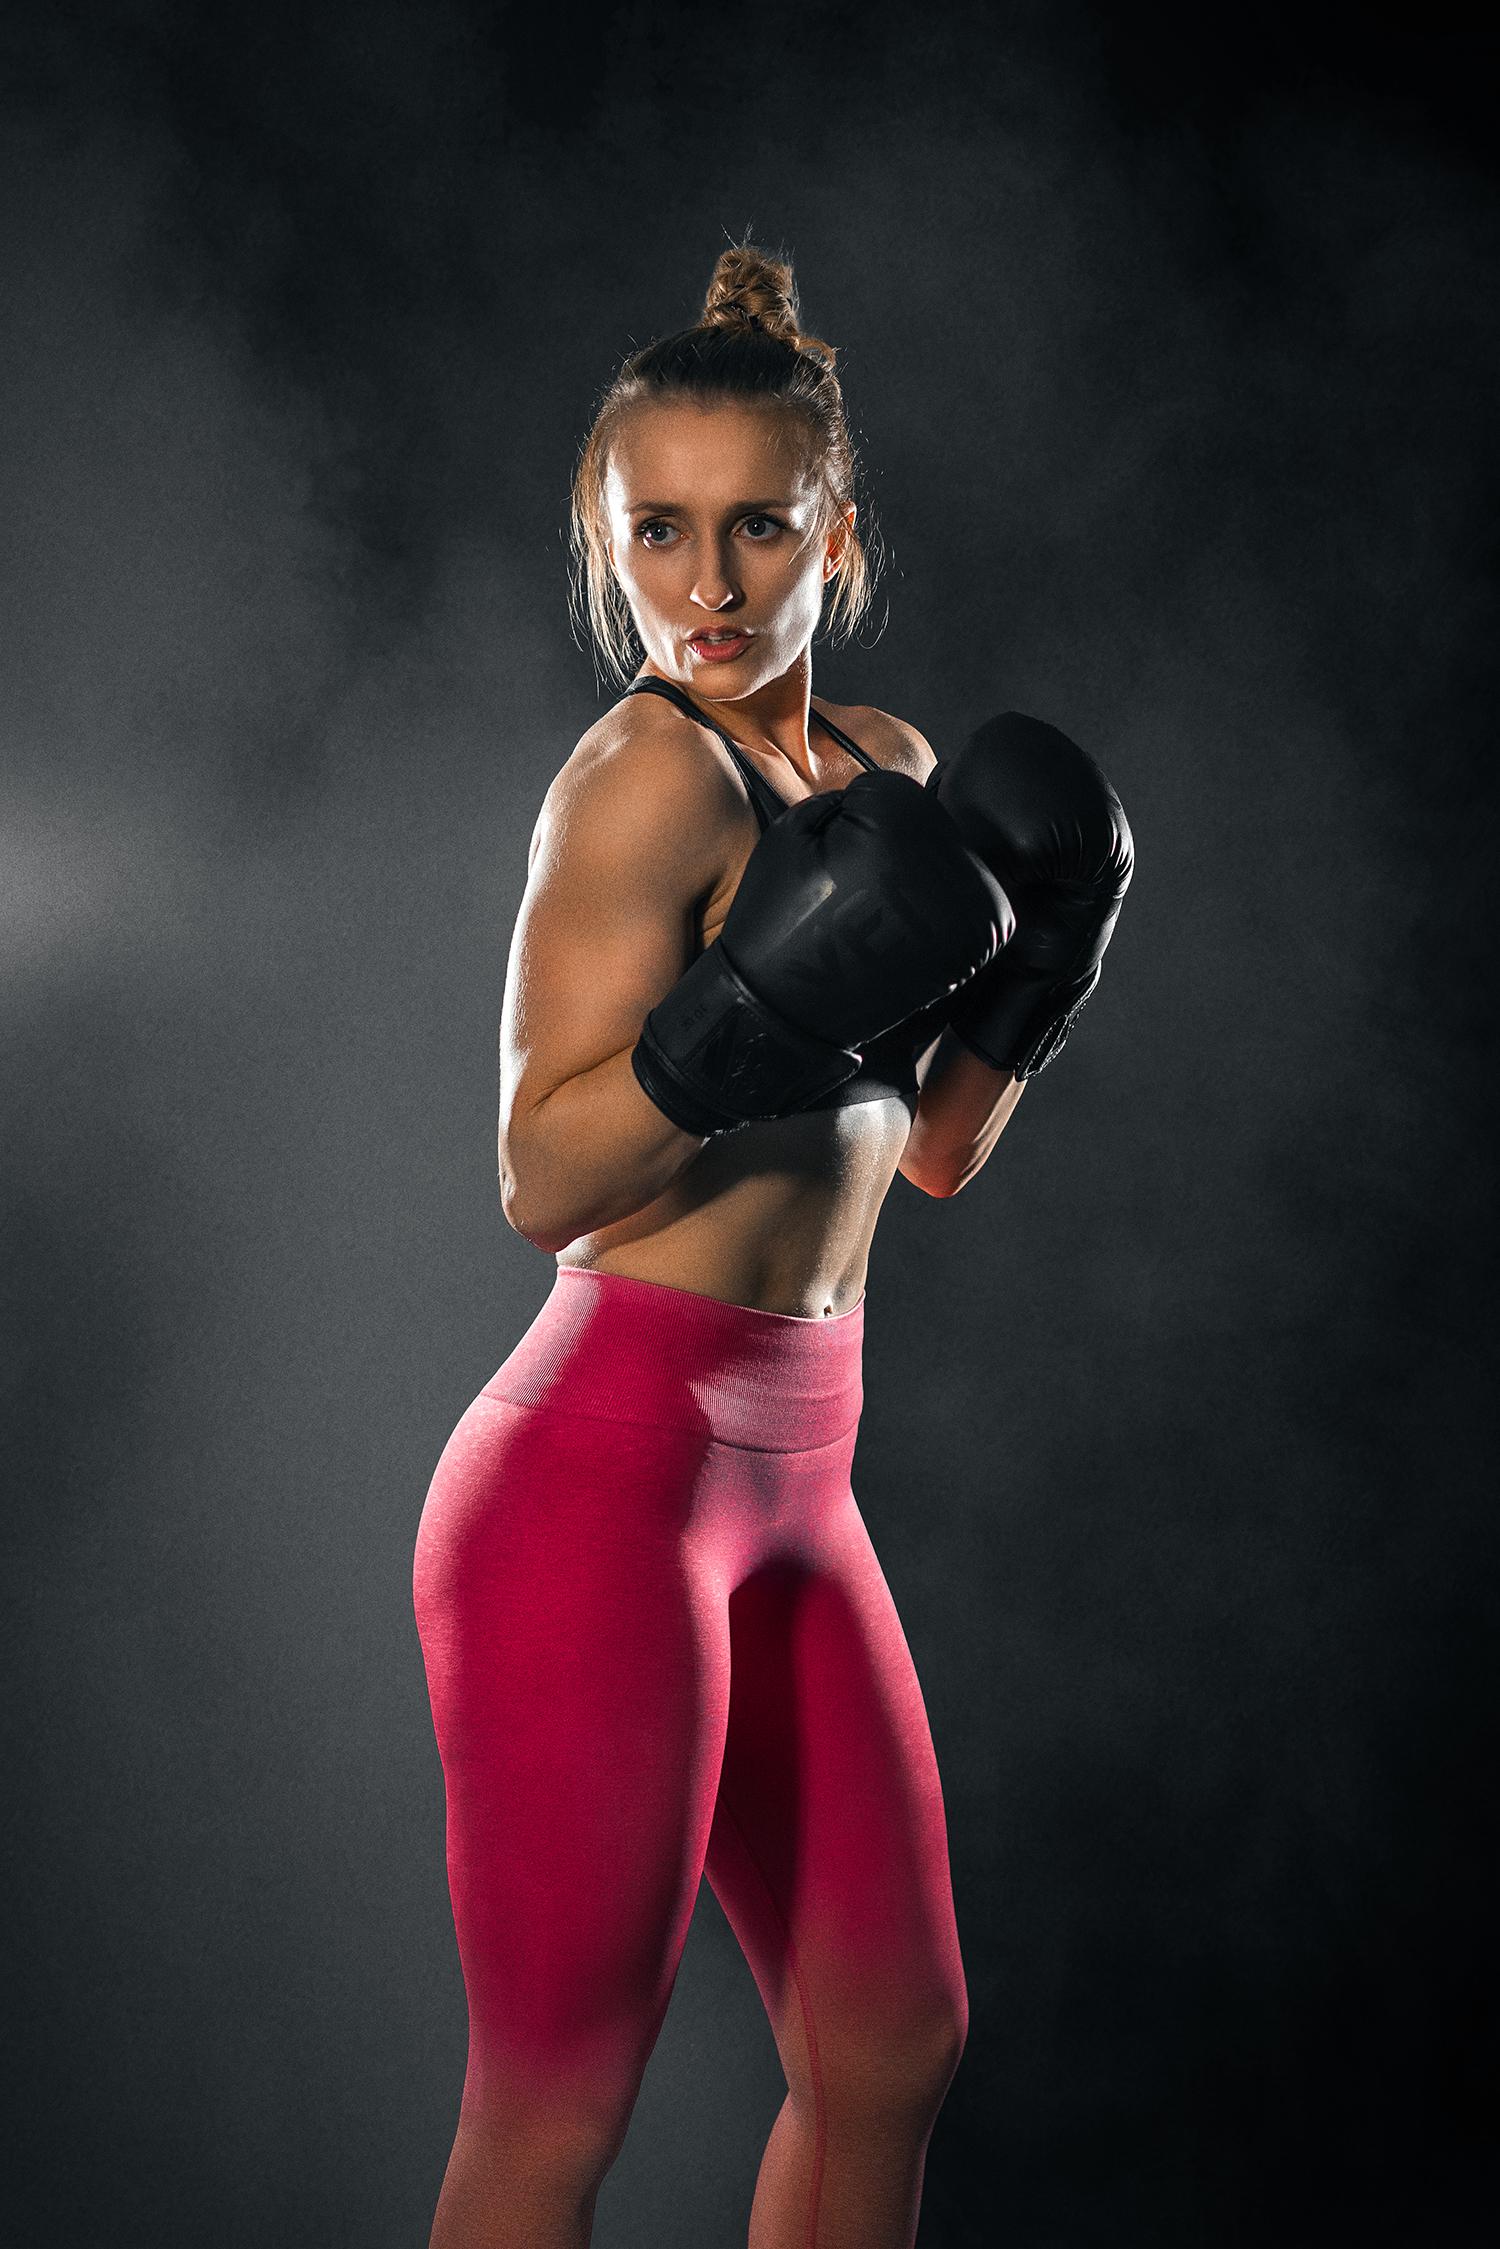 Iga Boxing Gloves Photography